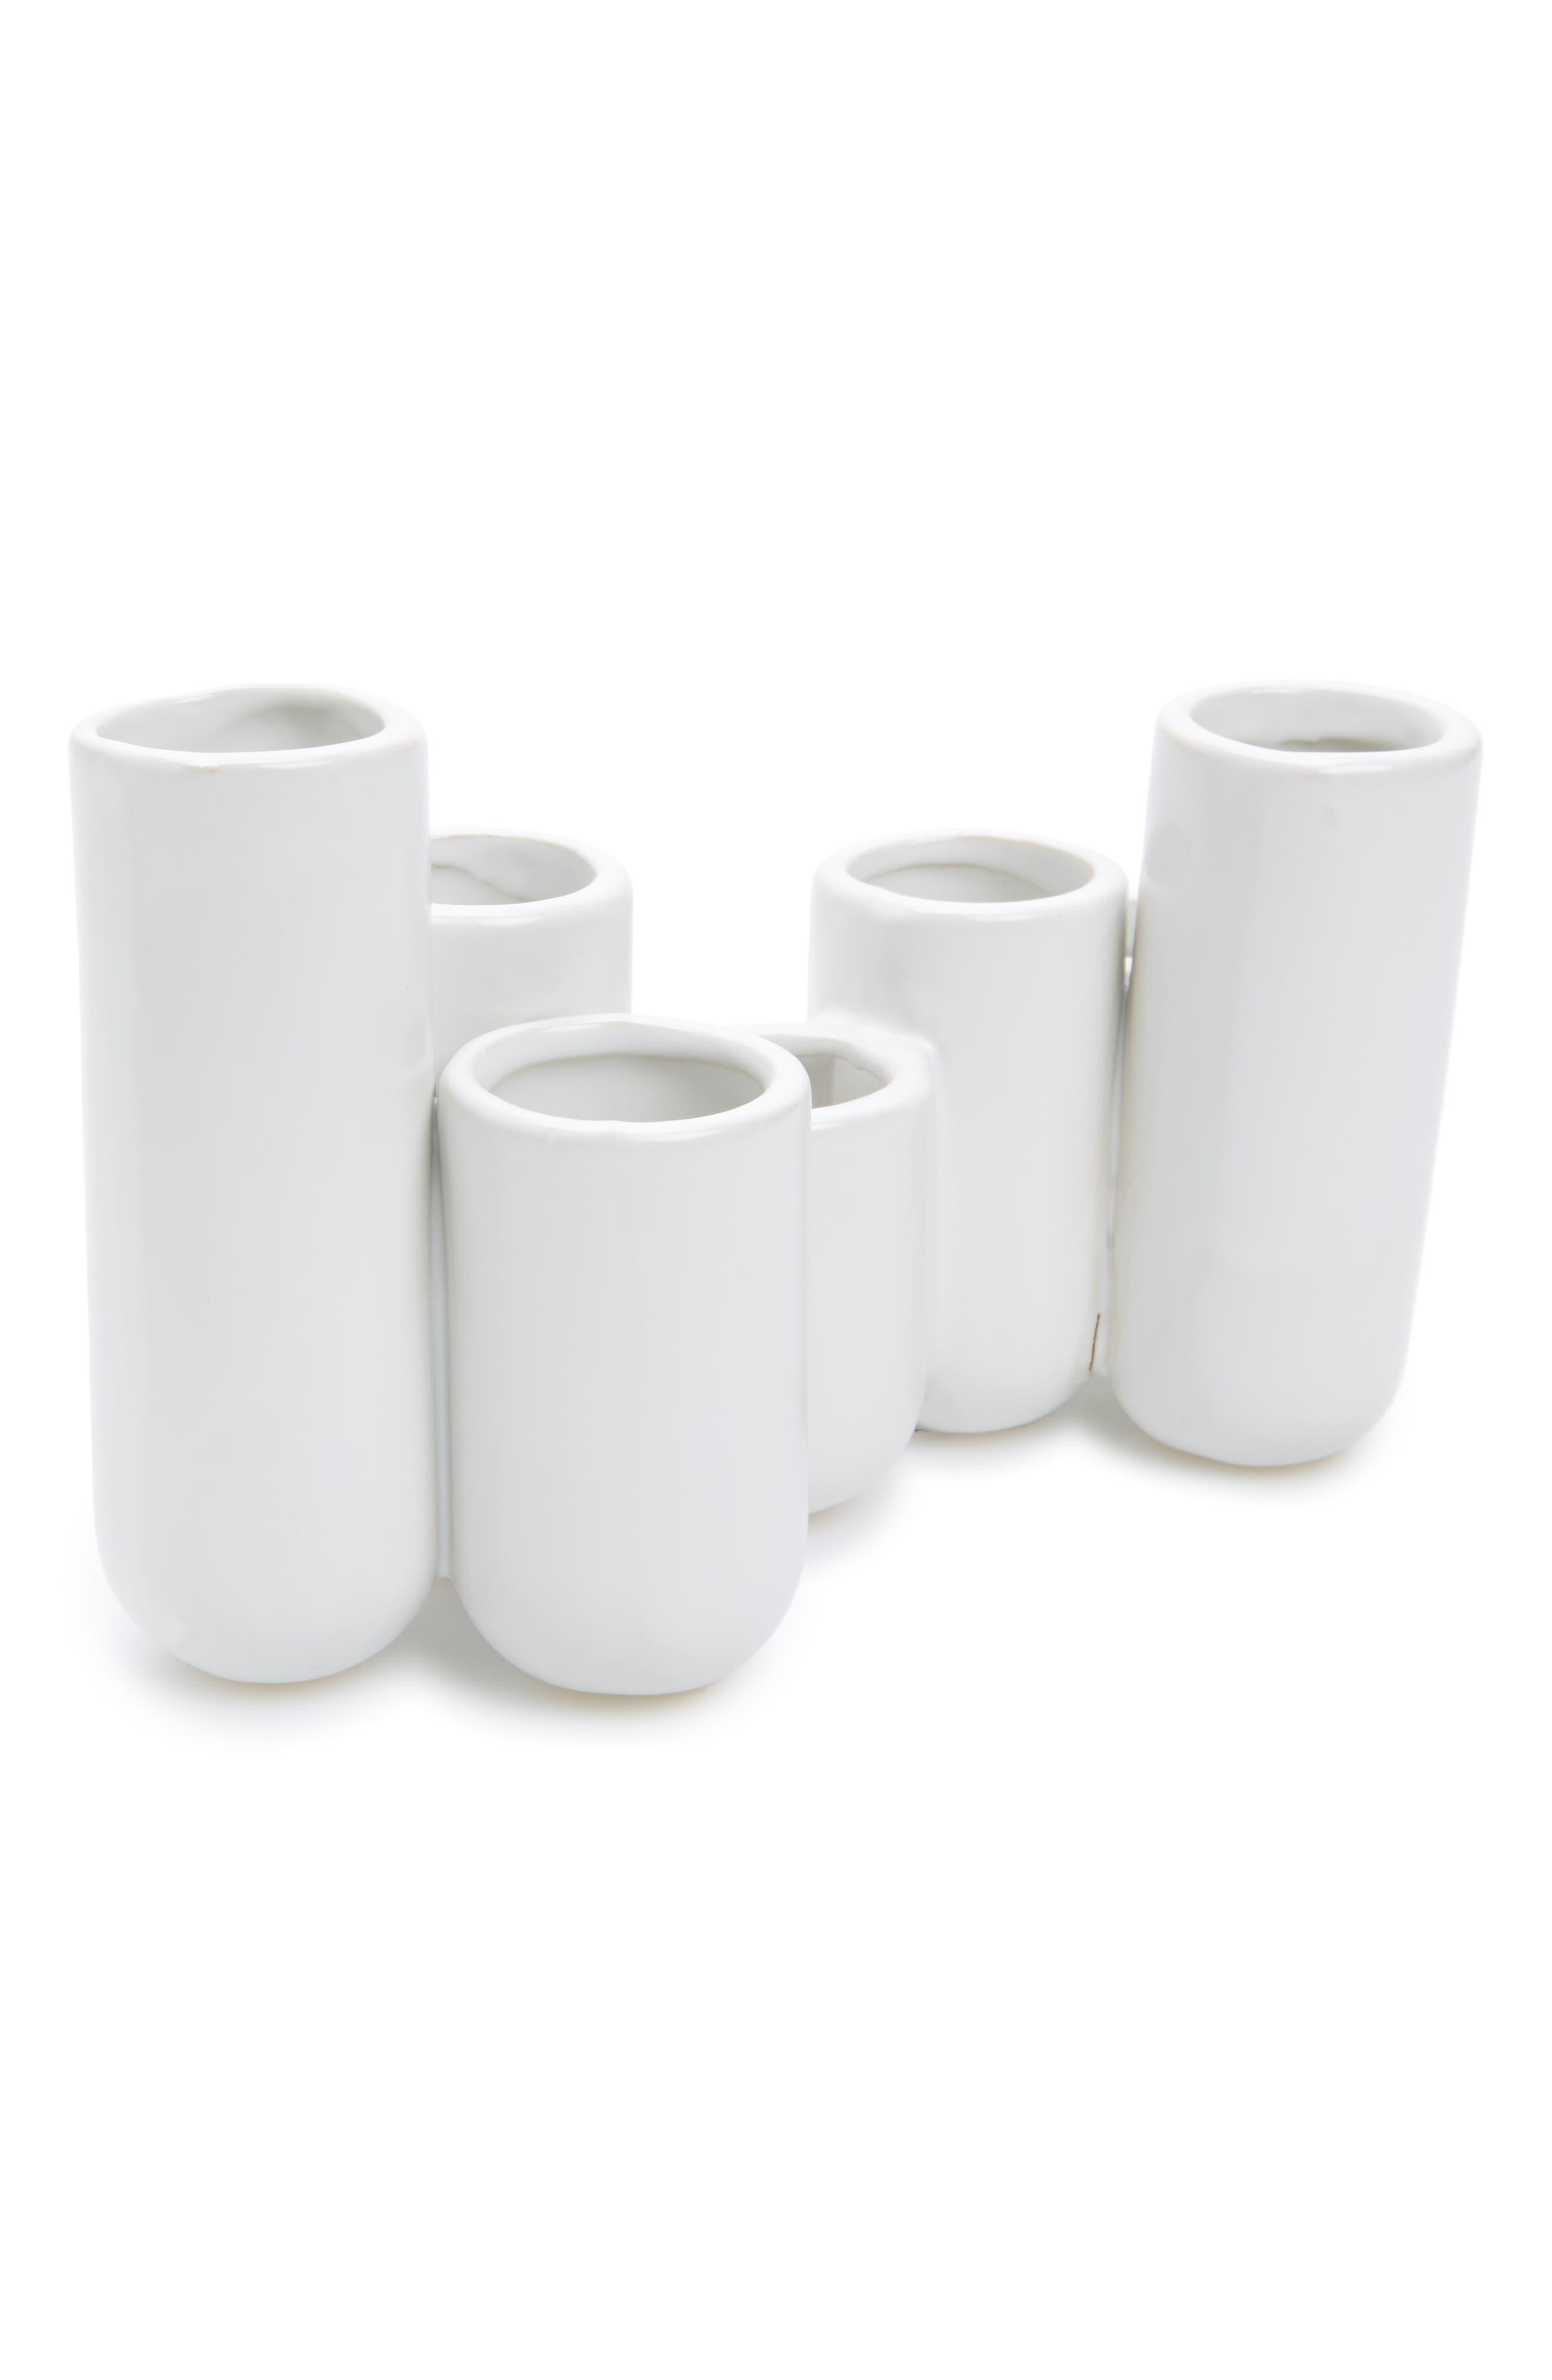 Homart Multi Container Ceramic Bud Vase